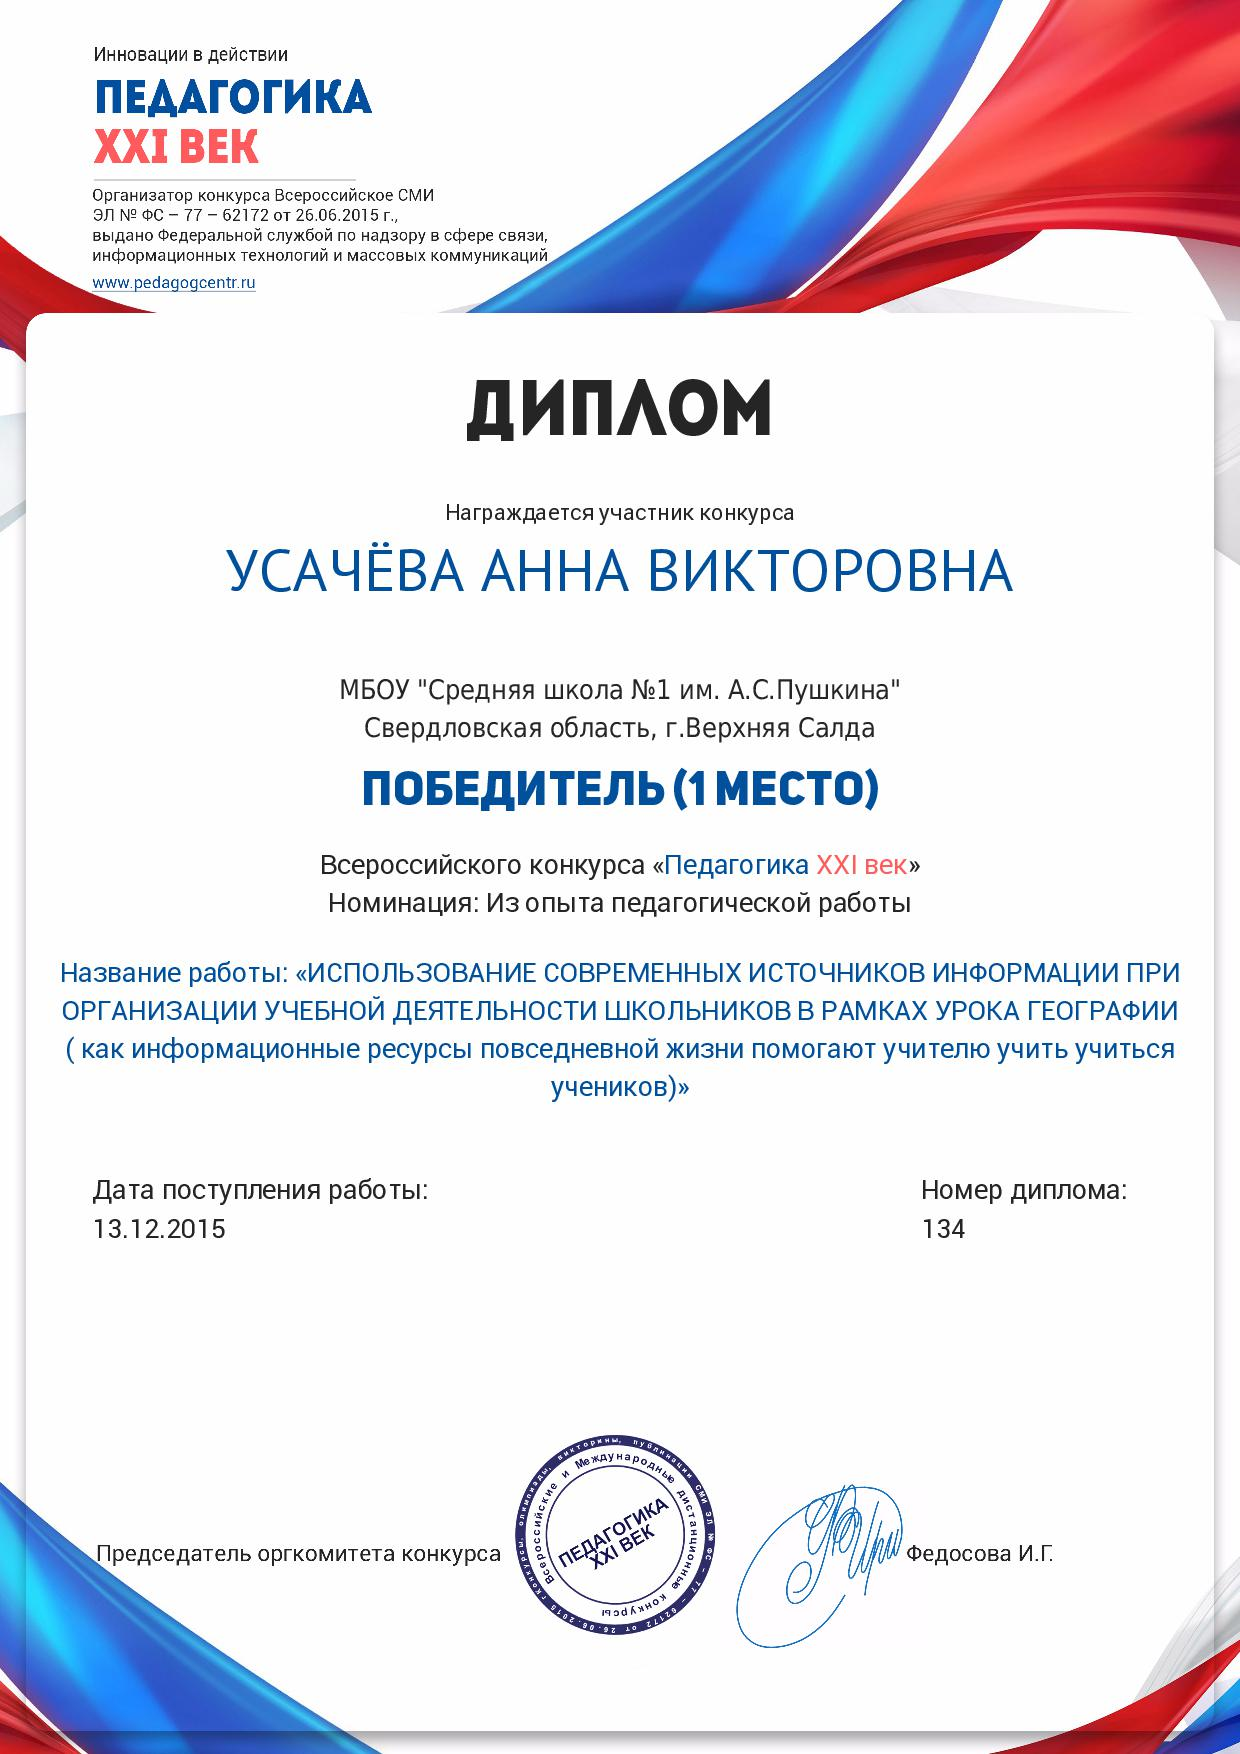 Конкурс всероссийский педагогический конкурс мои инновации в образовании